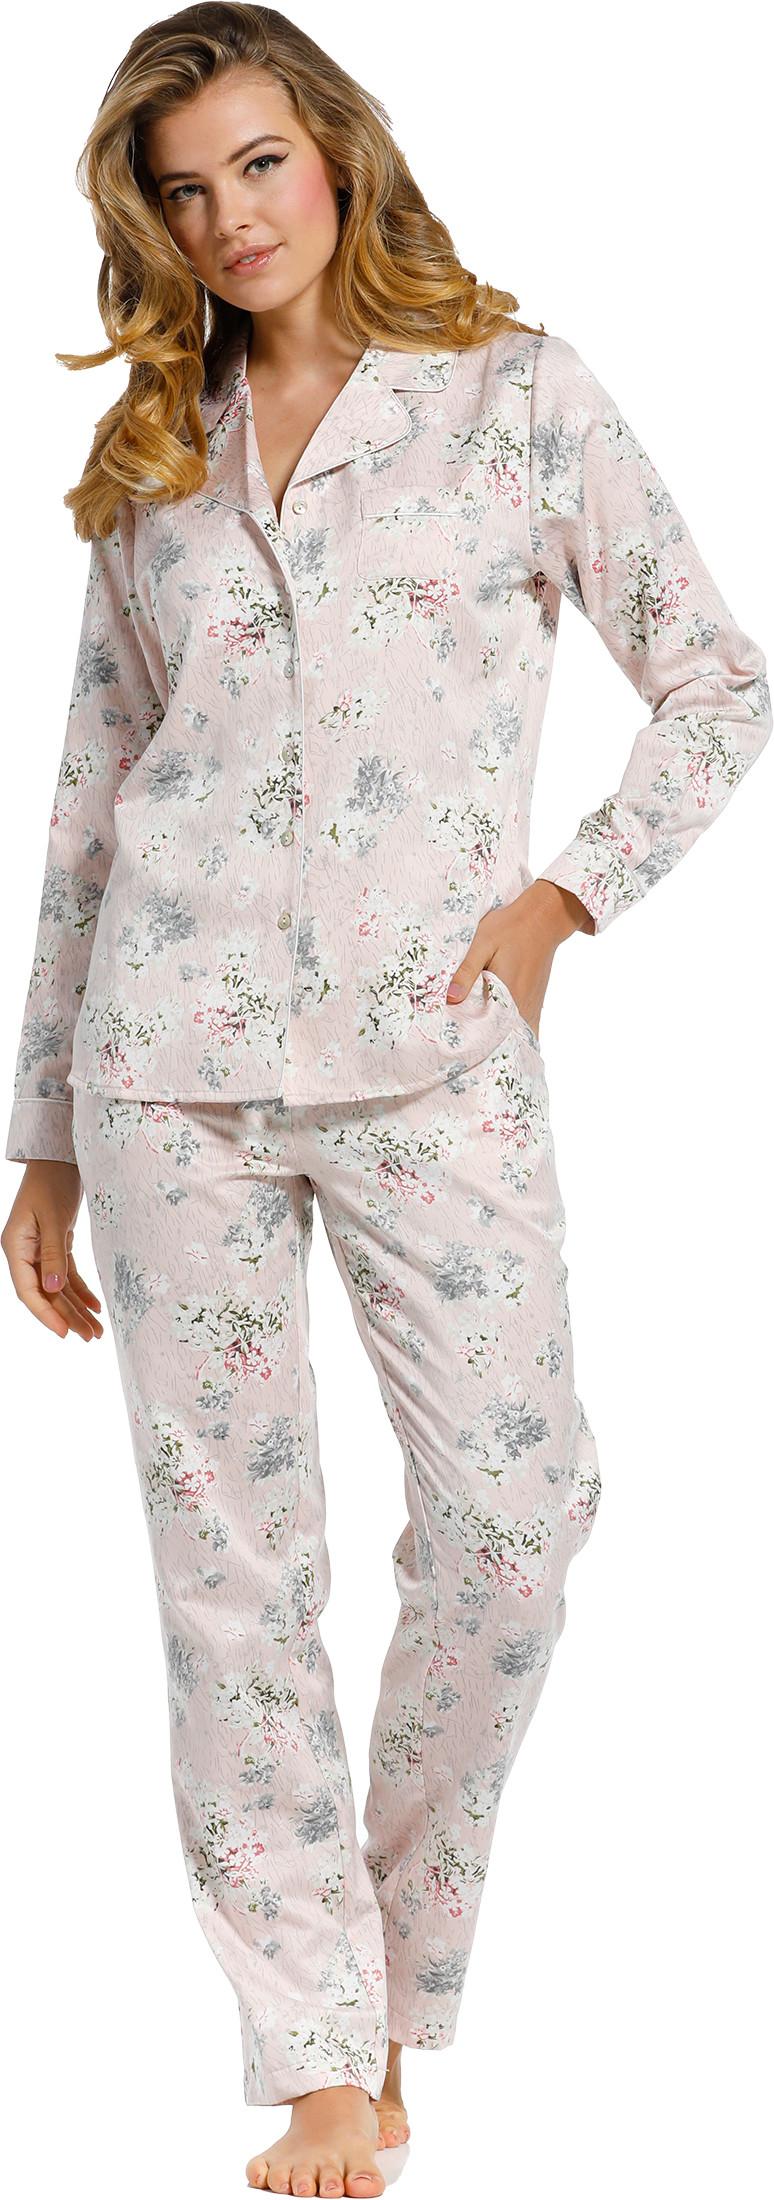 Dames pyjama Pastunette de Luxe satijn 25211-301-6-46